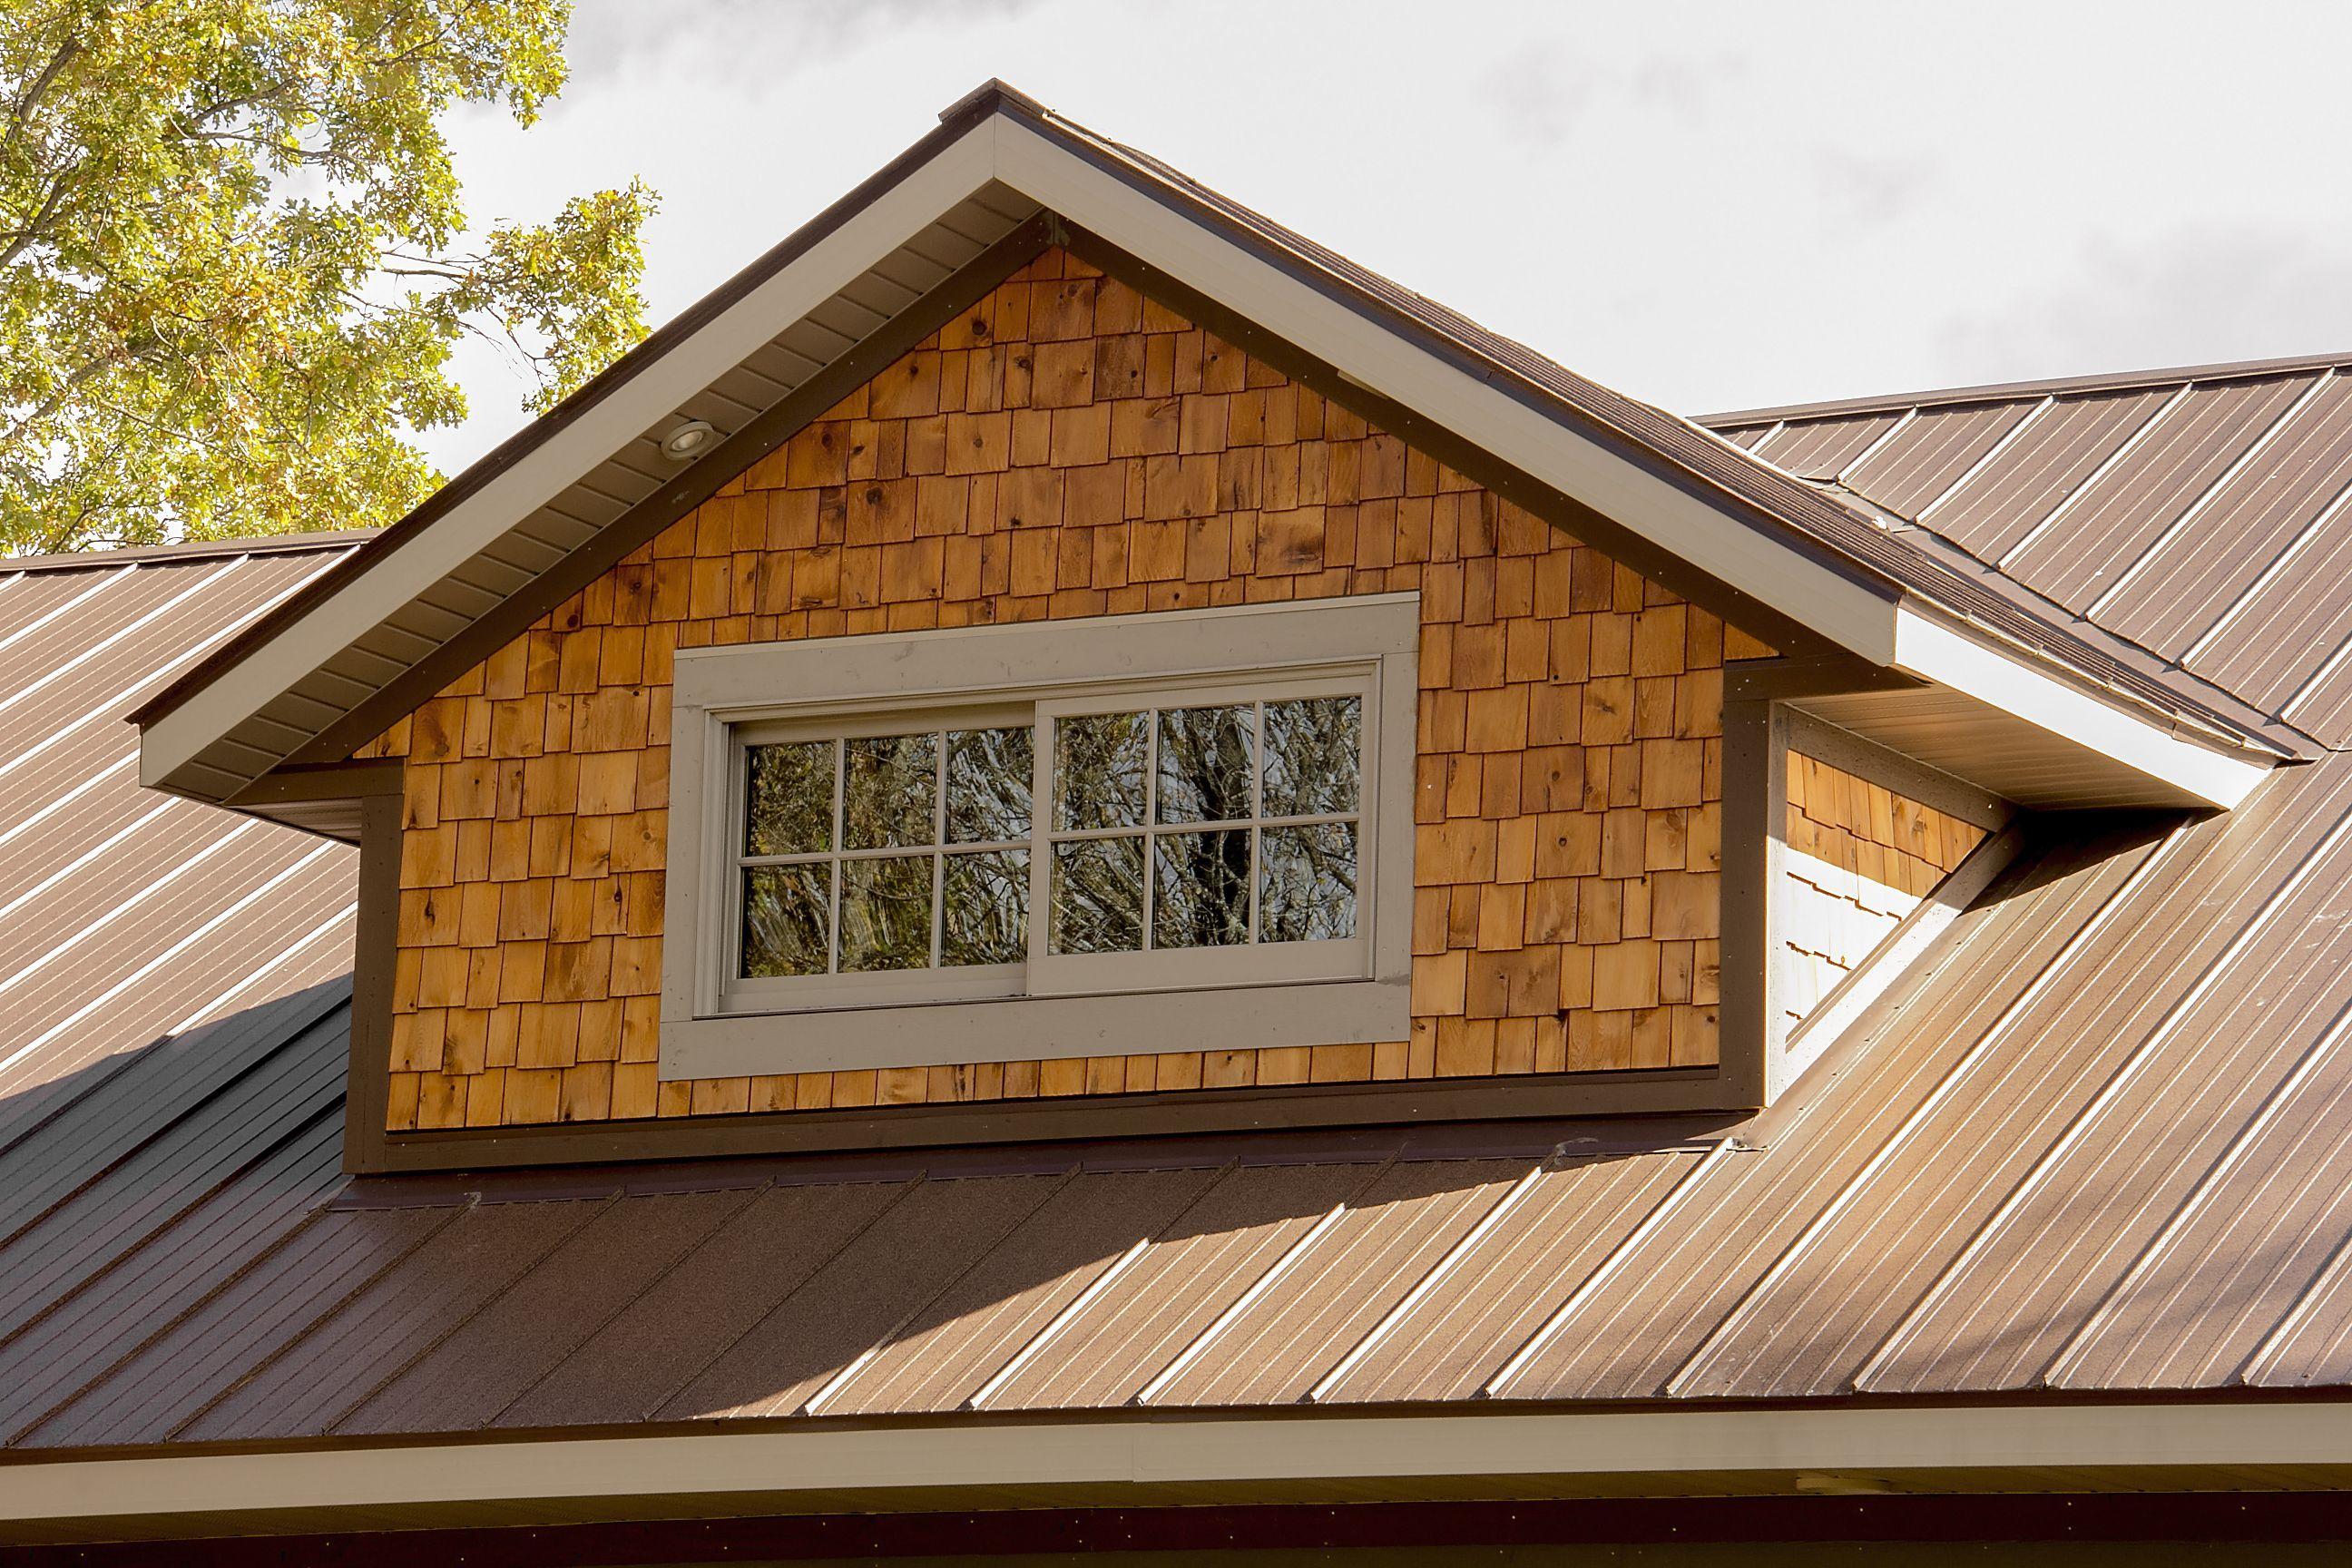 14+ Fabulous Roofing Model Ideas in 2019 | Green Roofing | Steel